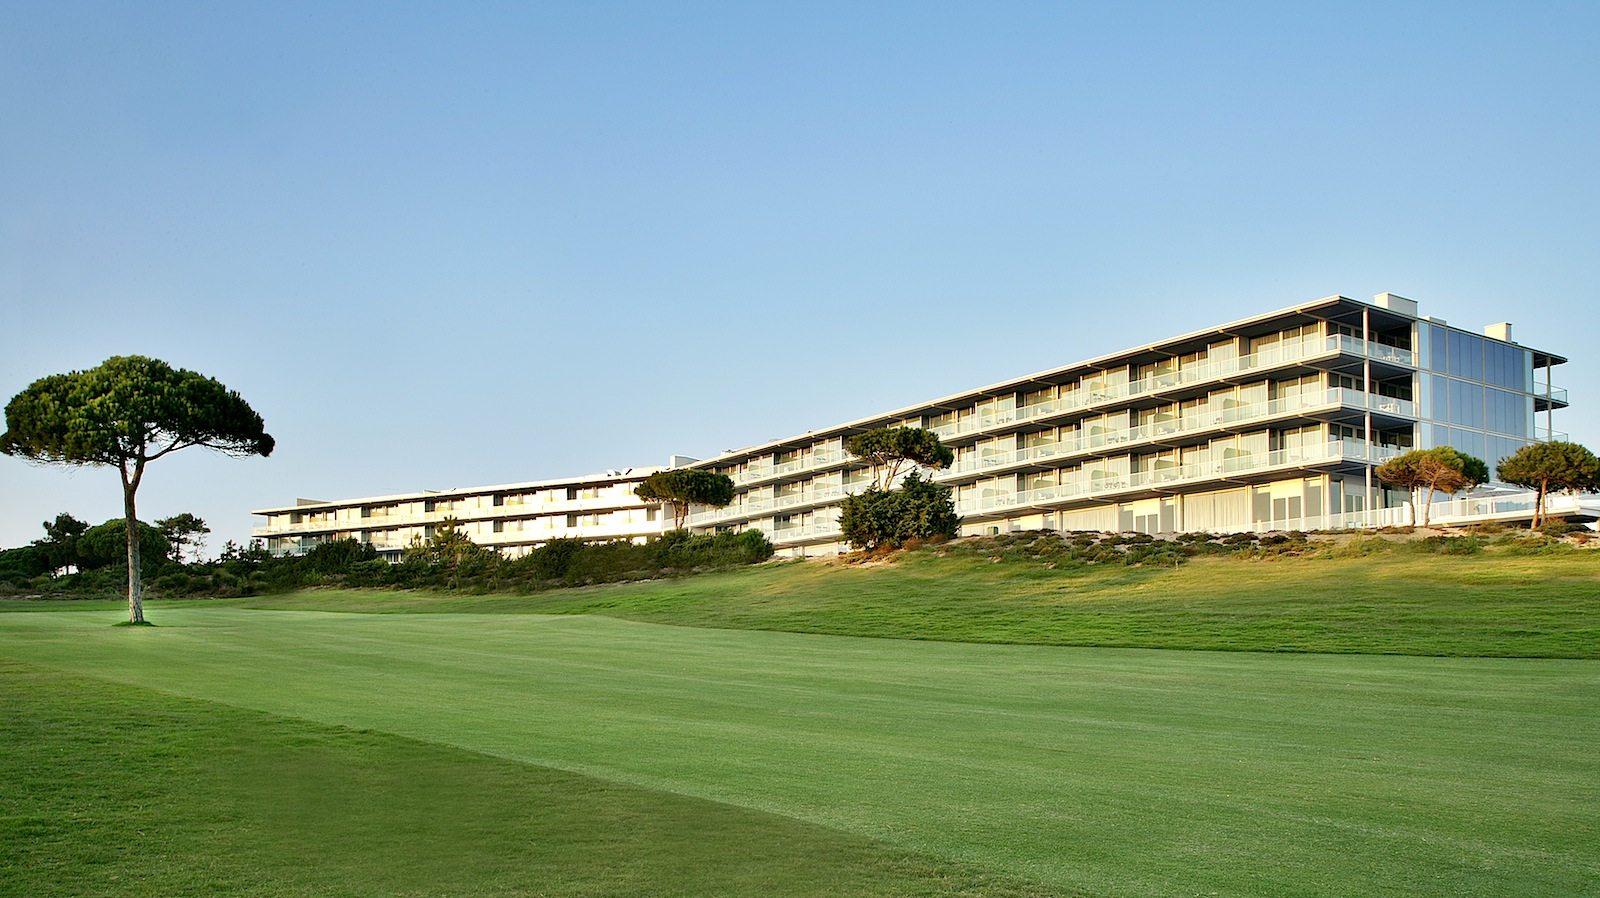 The Oitavos. Unweit der Festung und mit dem Fahrrad oder Auto keine 5 Minuten entfernt, ist das Fünfsternehotel The Oitavos mit 142 Zimmern.